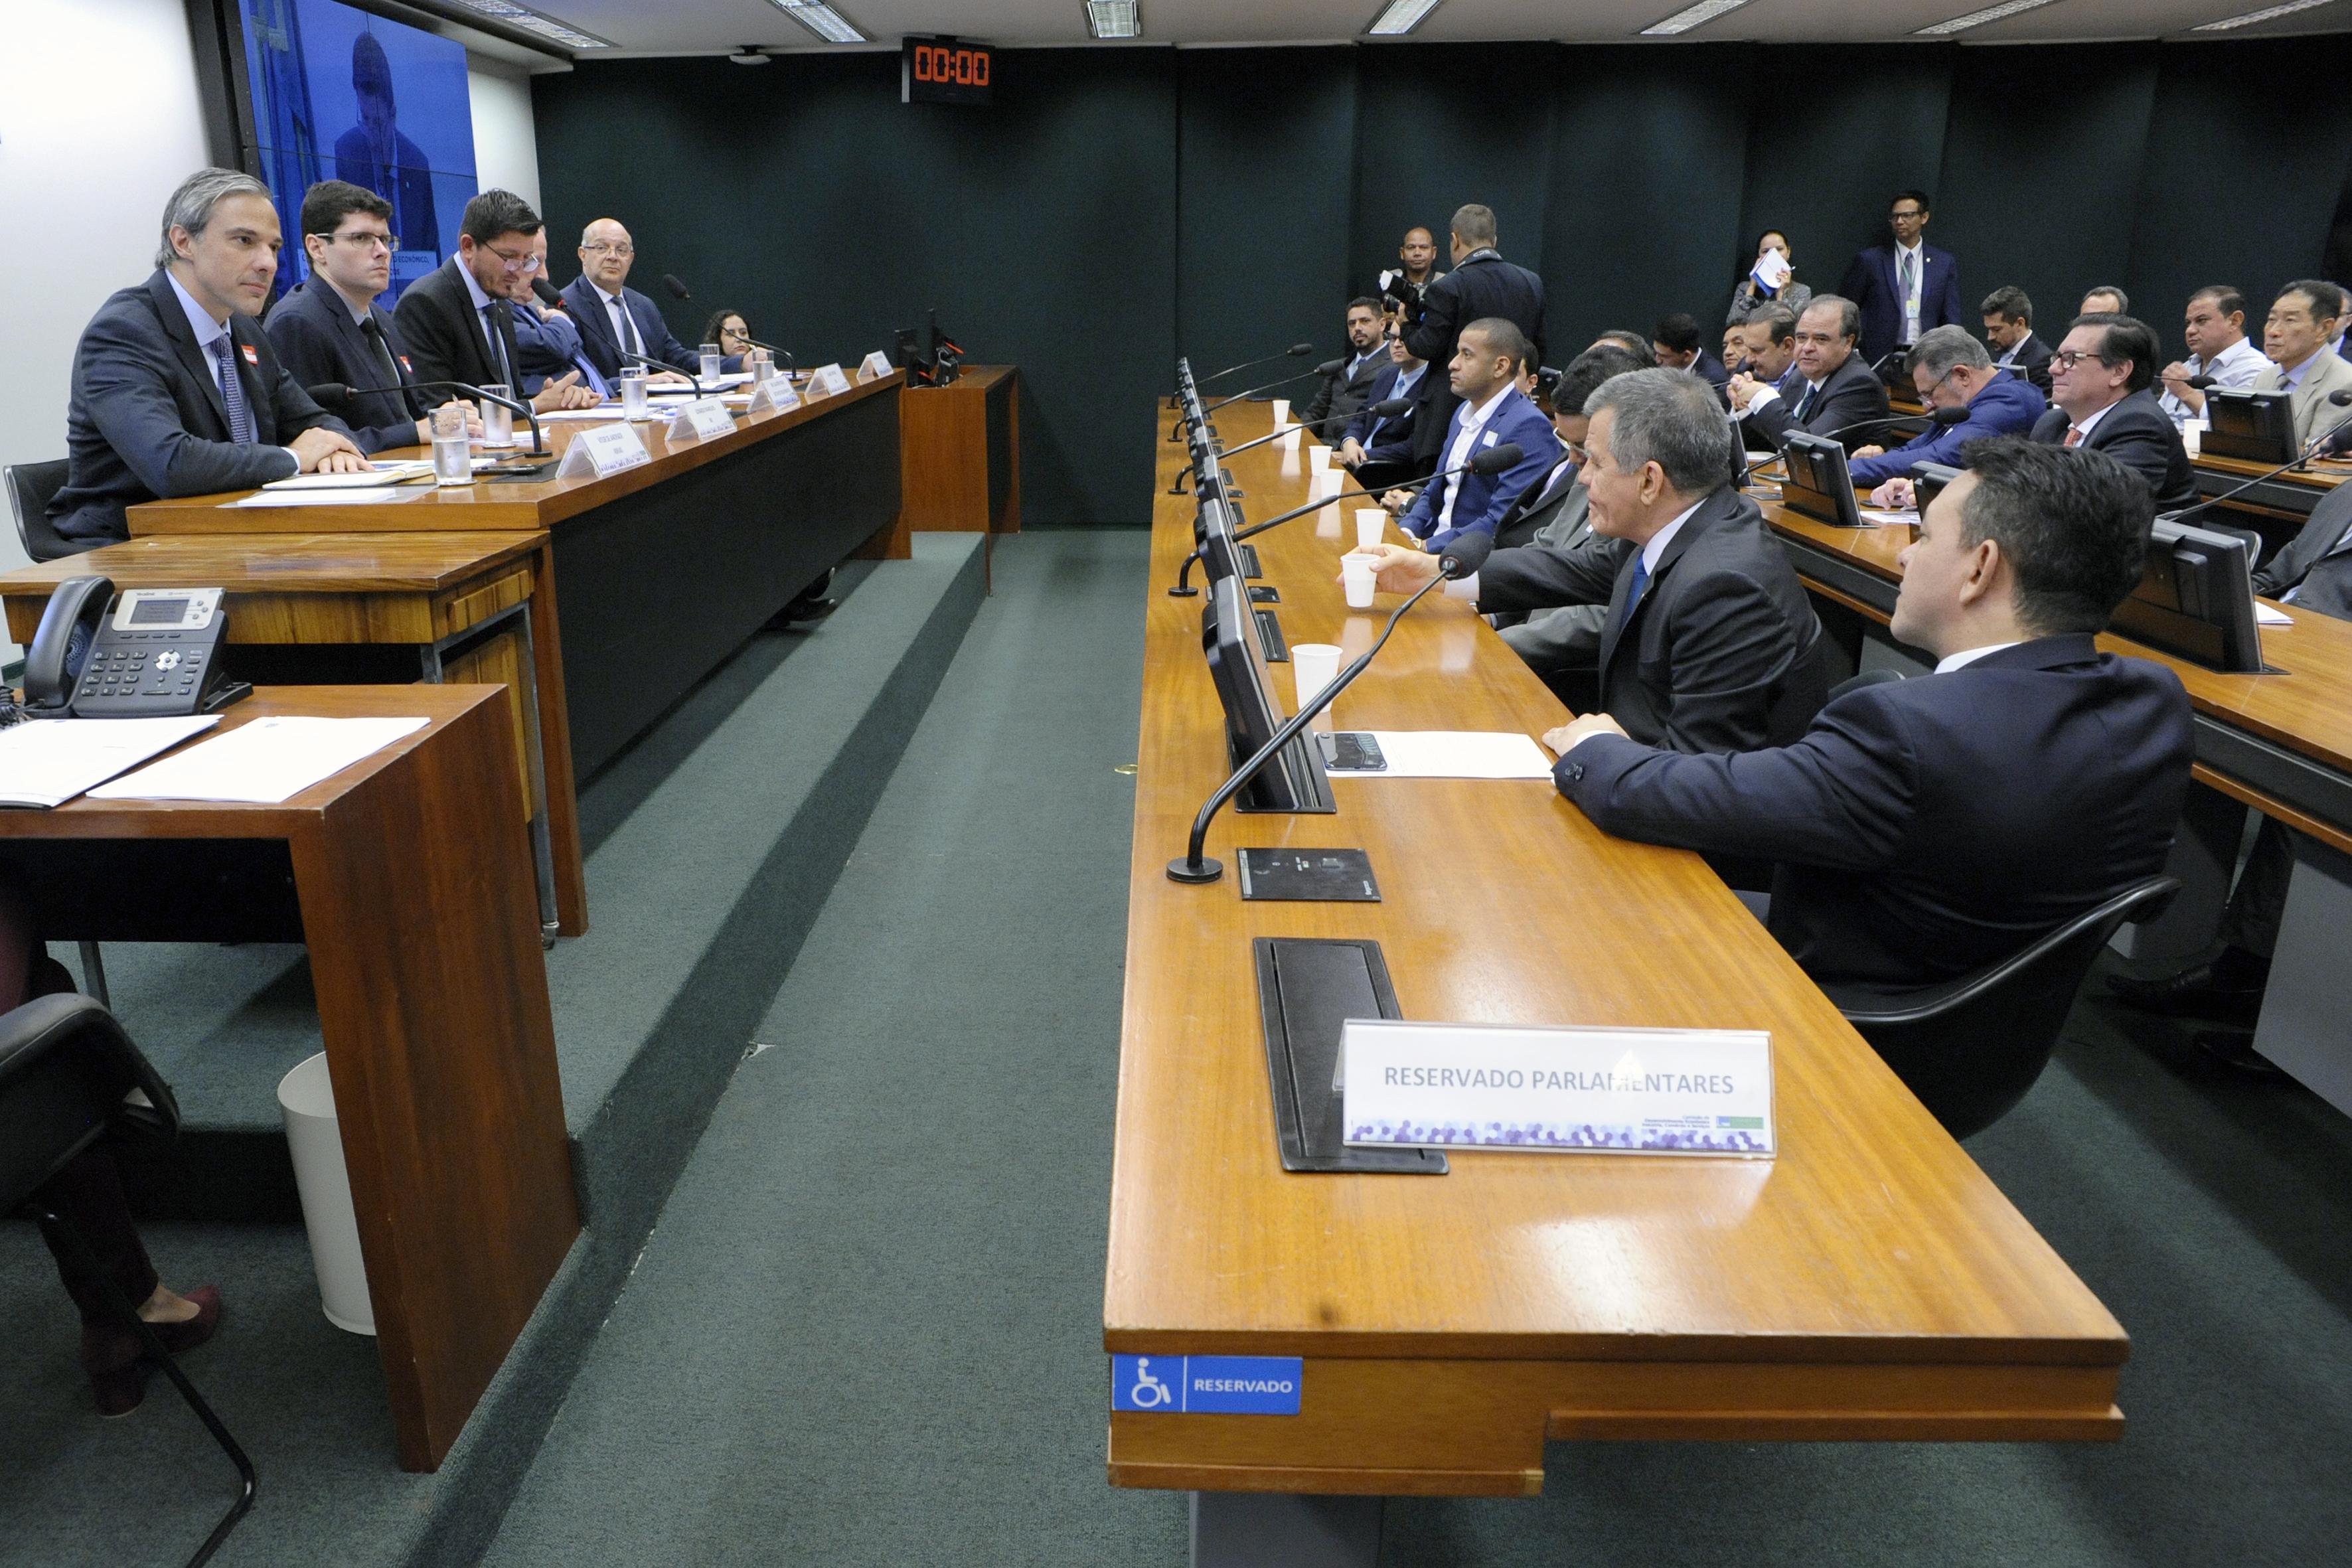 Audiência pública sobre a transparência e os parâmetros da aplicação da multa, do art. 57 do Código de Defesa do Consumidor, ao supermercadista